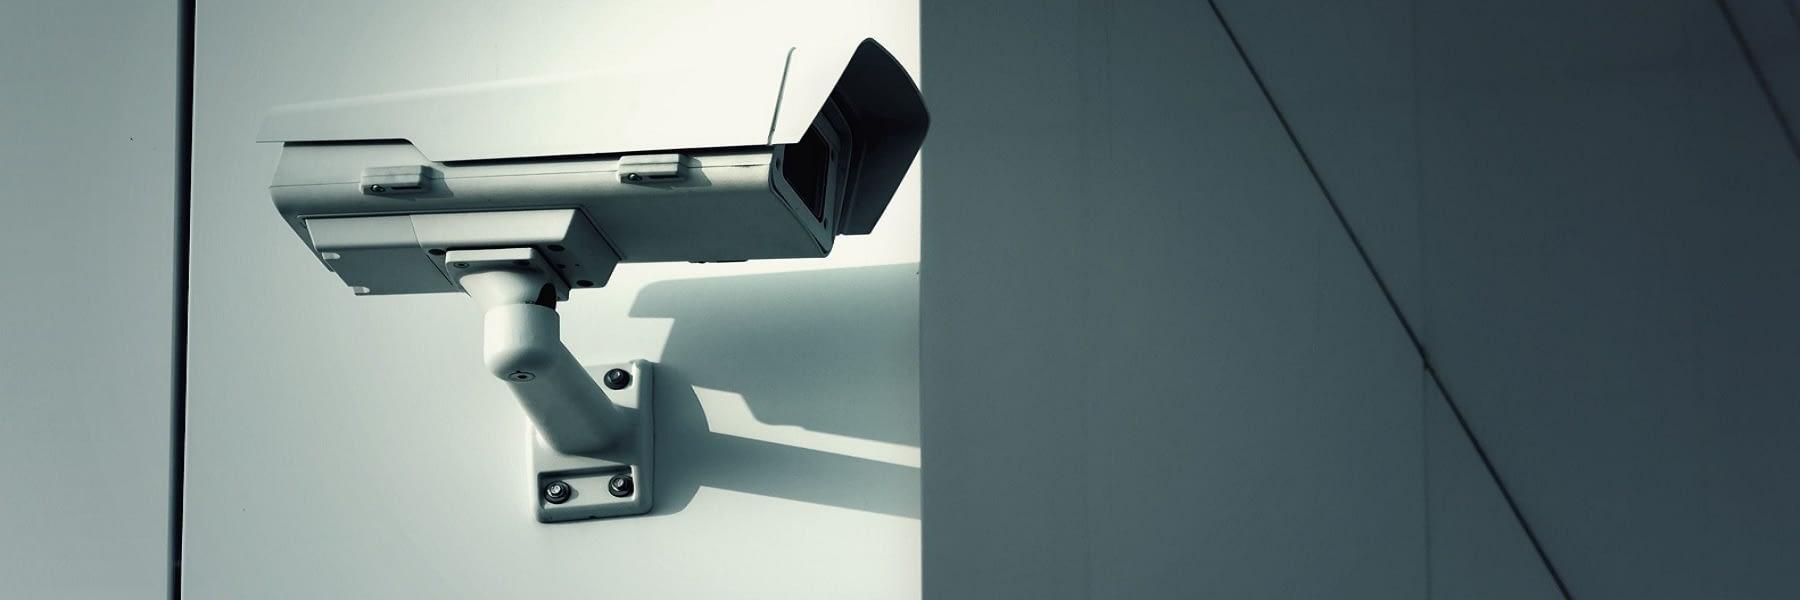 CCTV Installation Services by Drummond AV